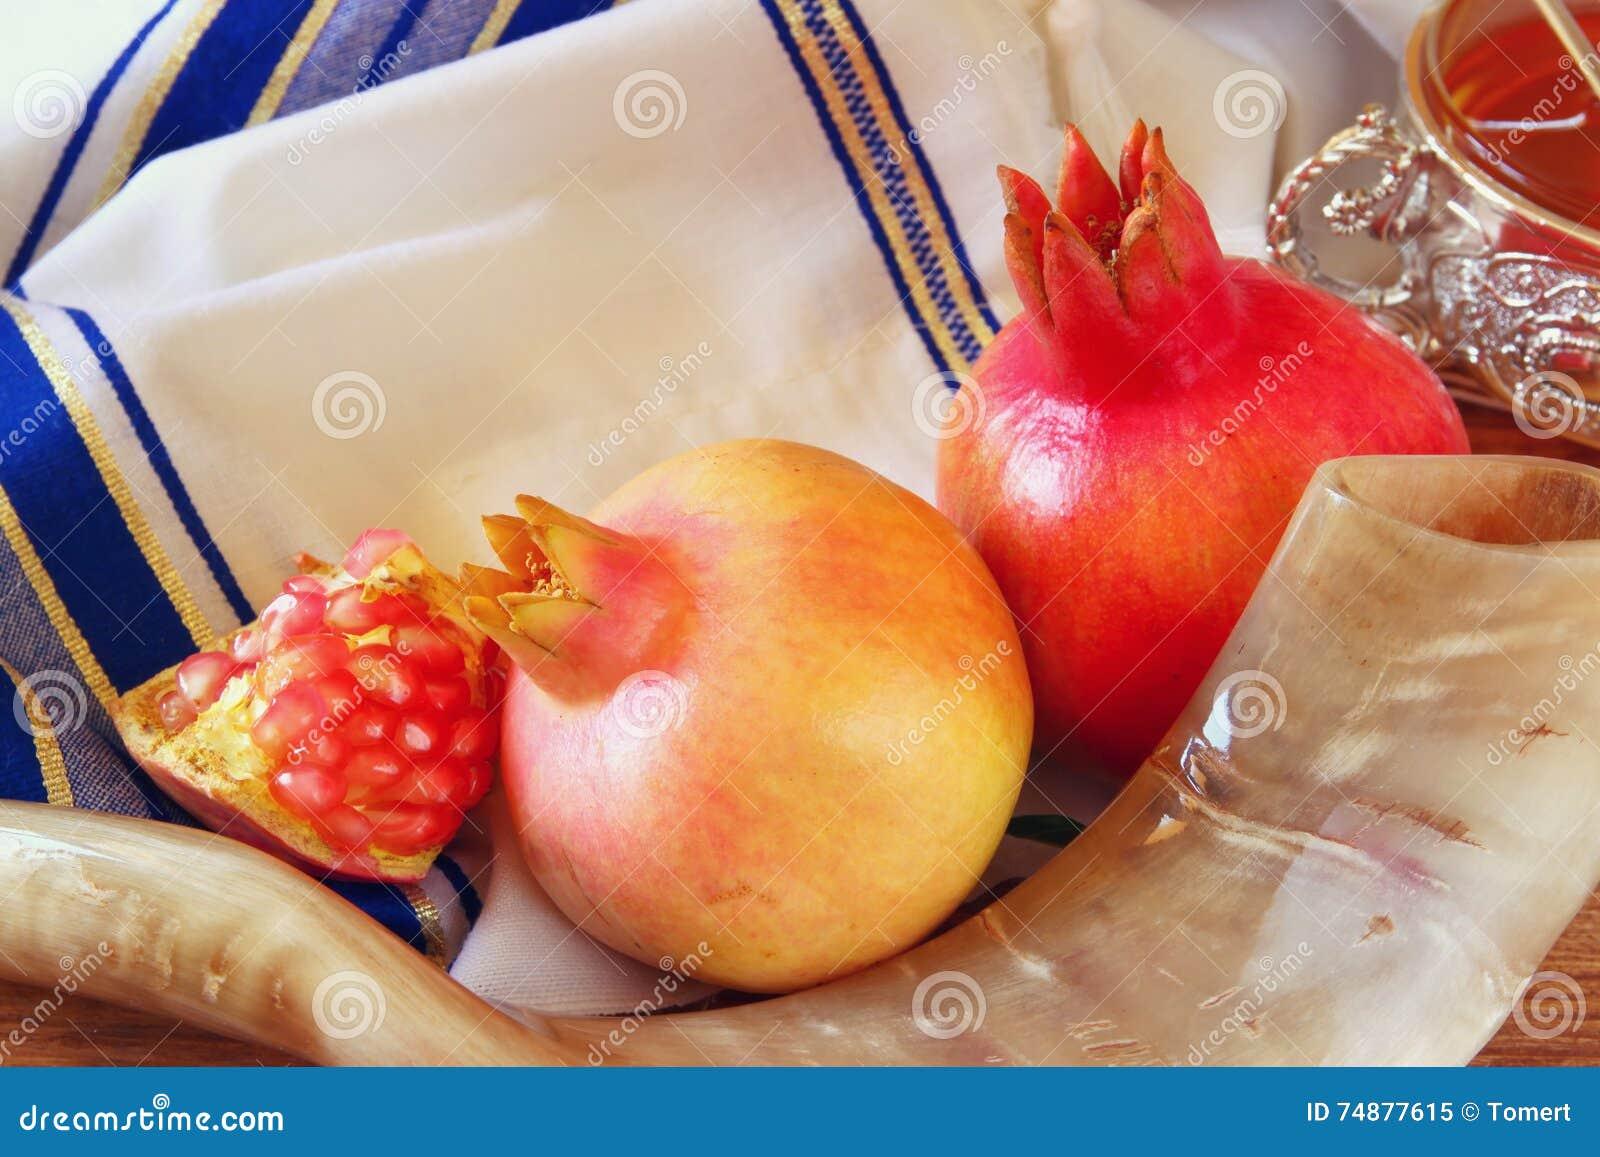 Rosh hashanah jewish new year concept traditional symbols stock rosh hashanah jewish new year concept traditional symbols biocorpaavc